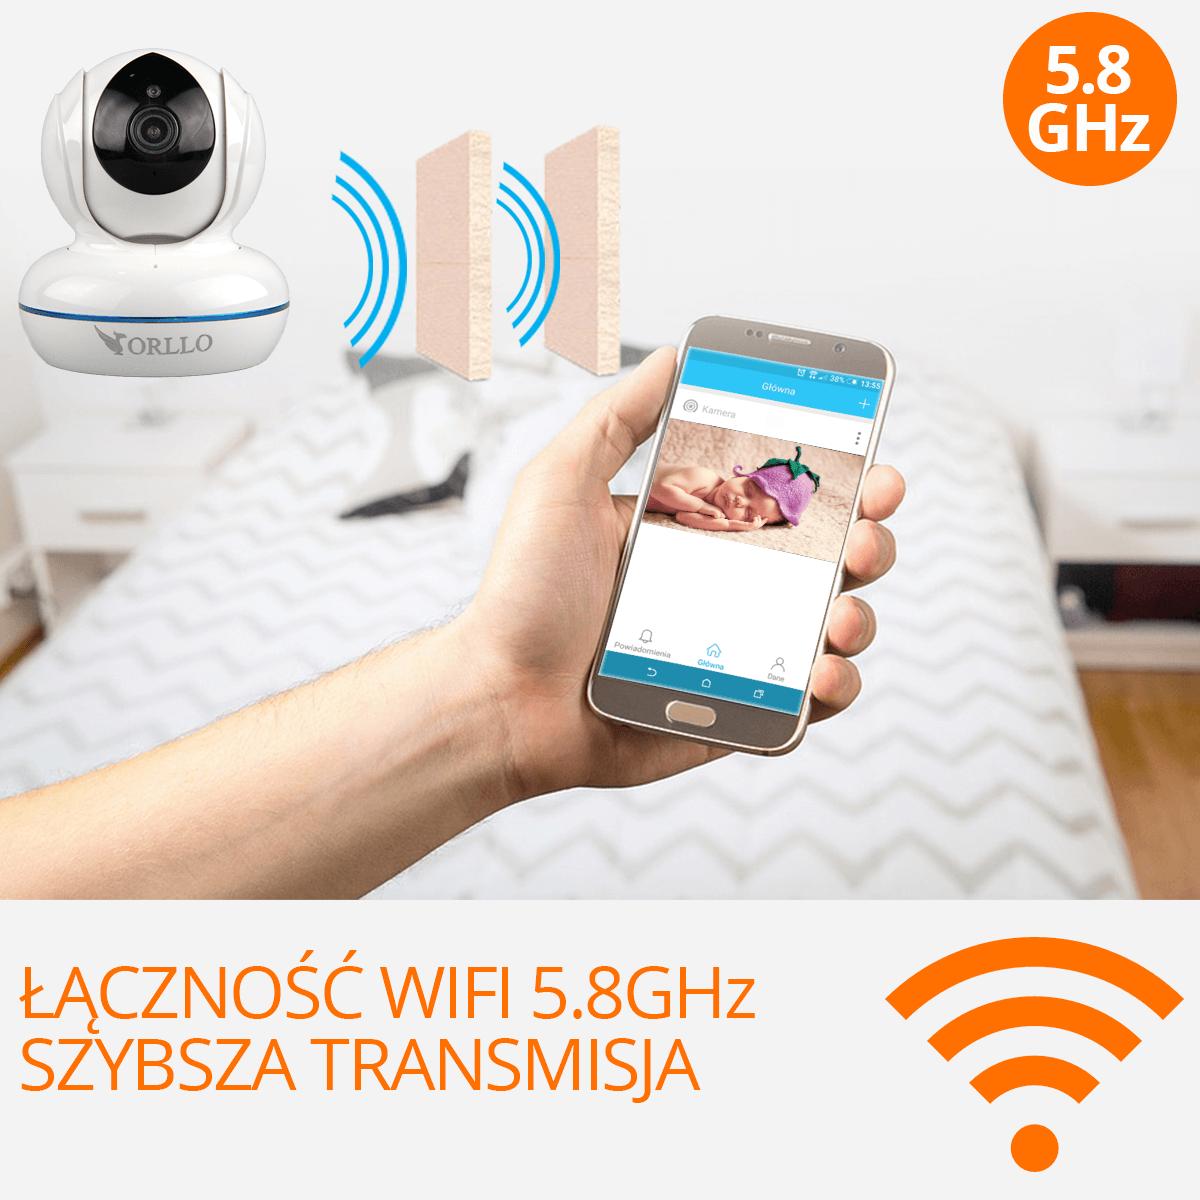 kamera-bezprzewodowa-5.8GHz-wifi-orllo-pl